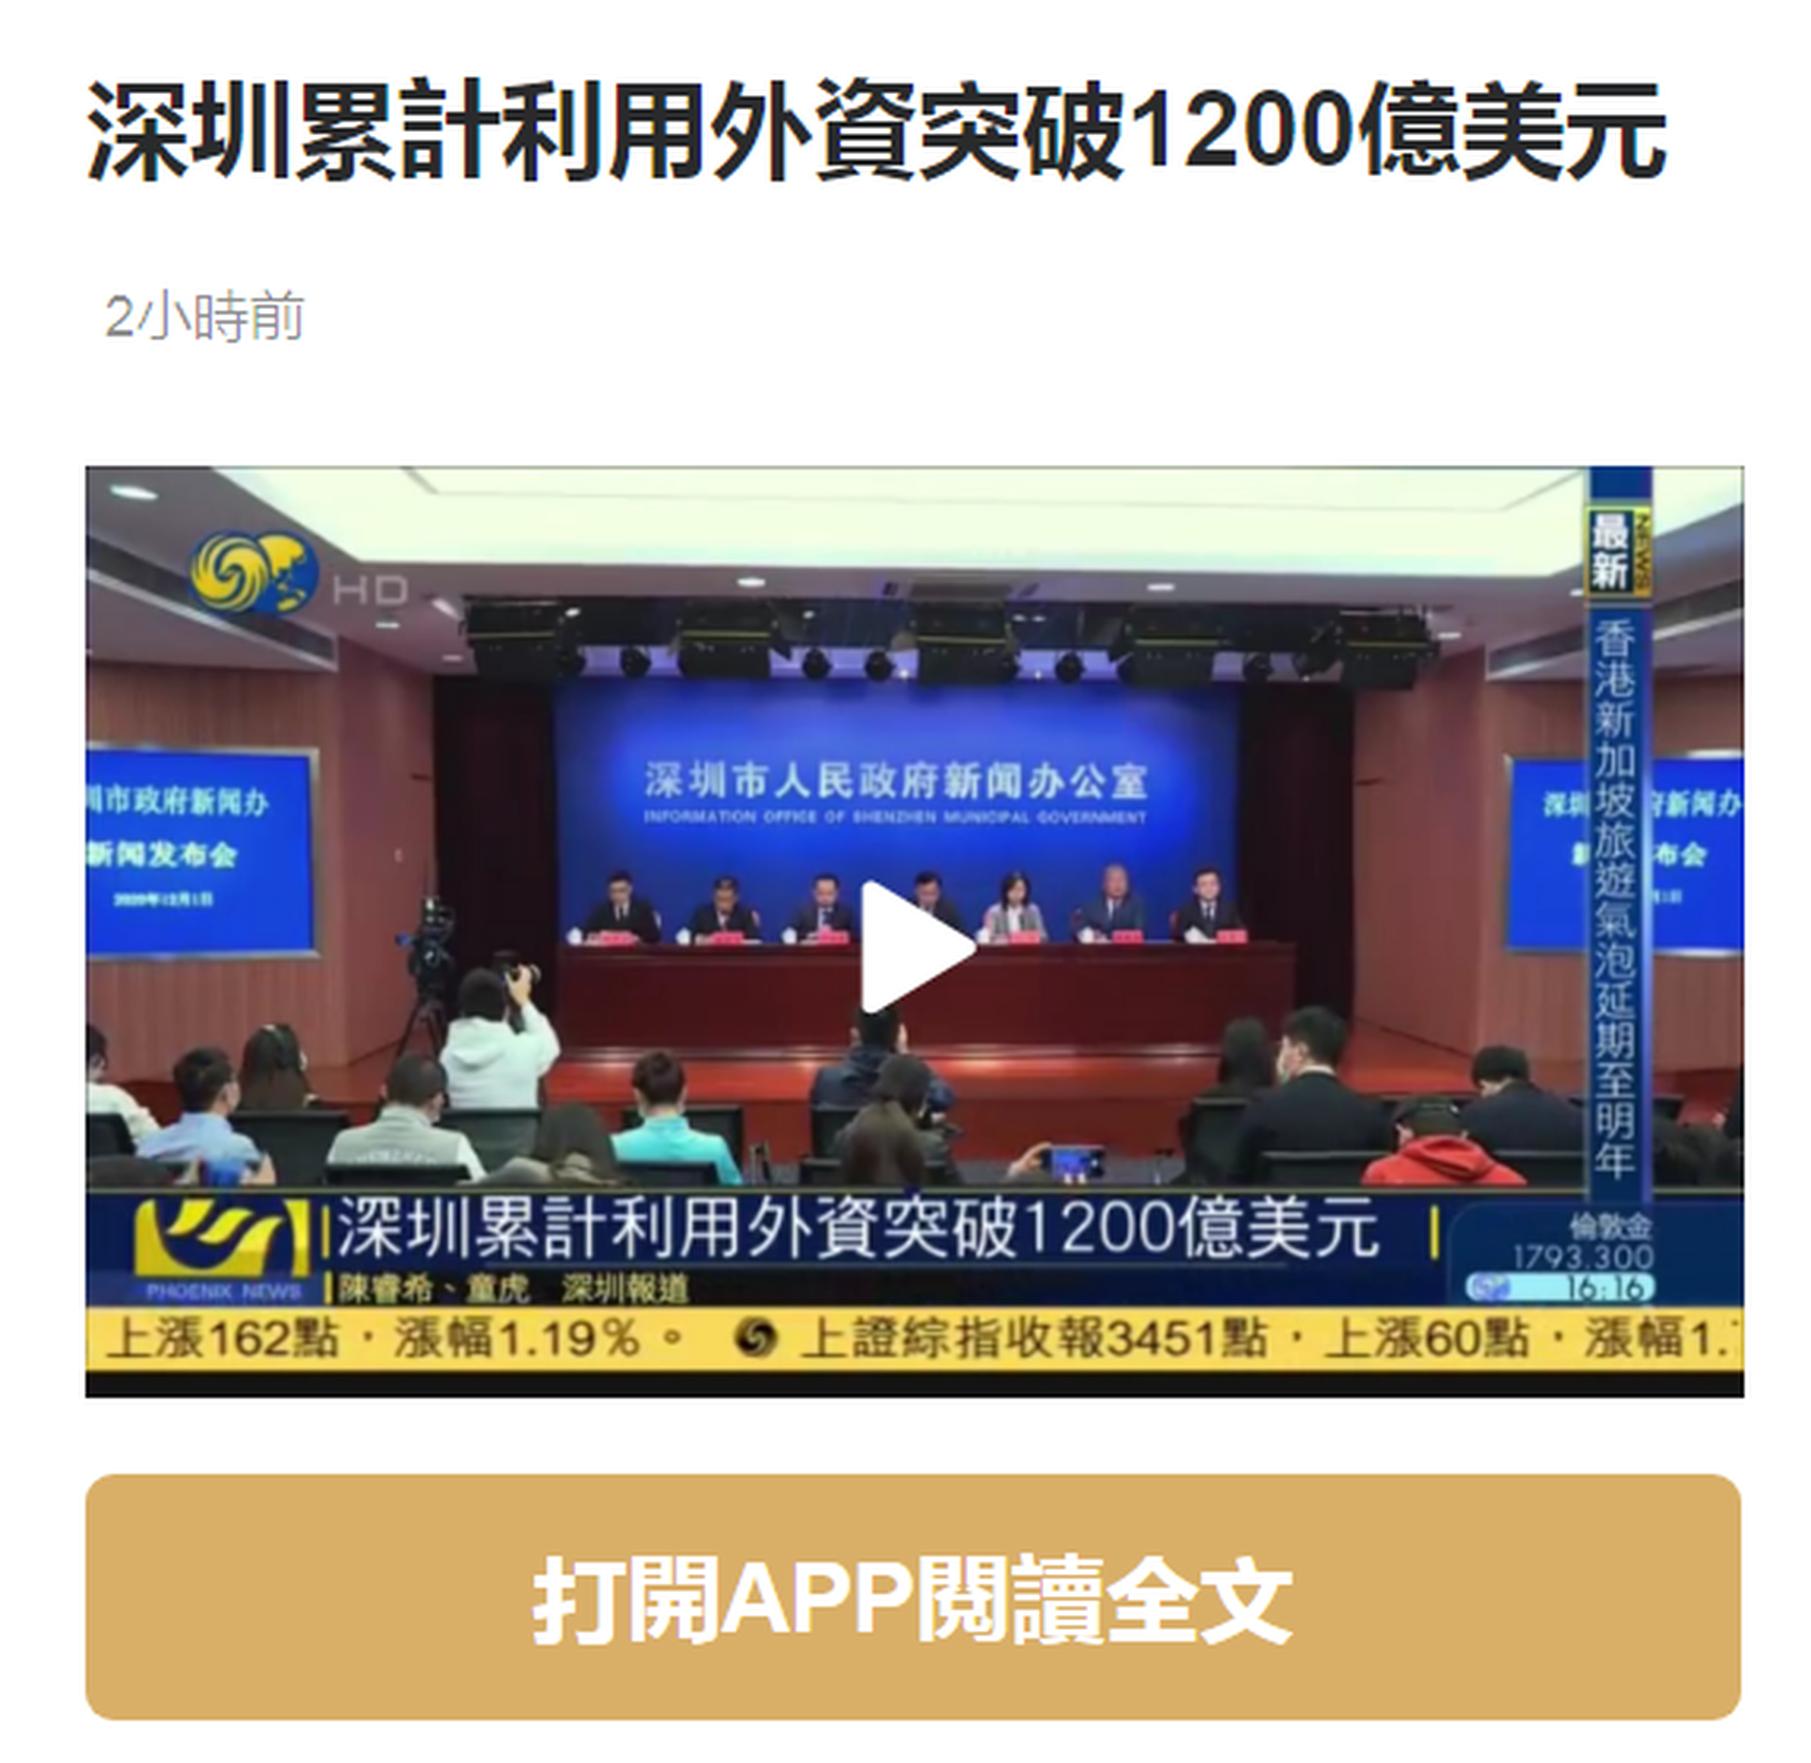 深圳累计利用外资突破1200亿美元